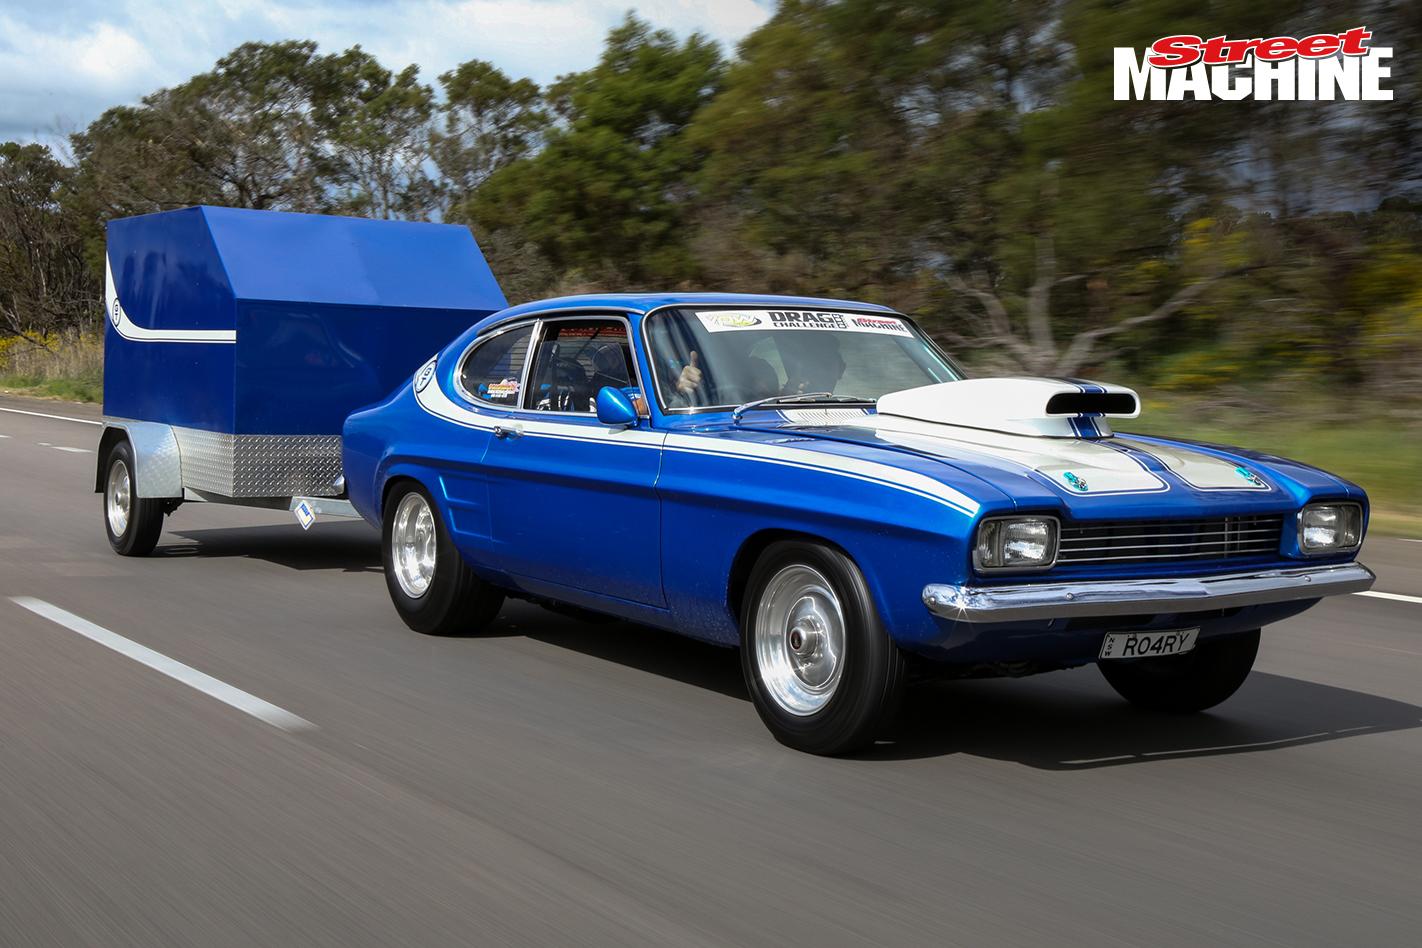 Ford Capri V8 Drag Challenge